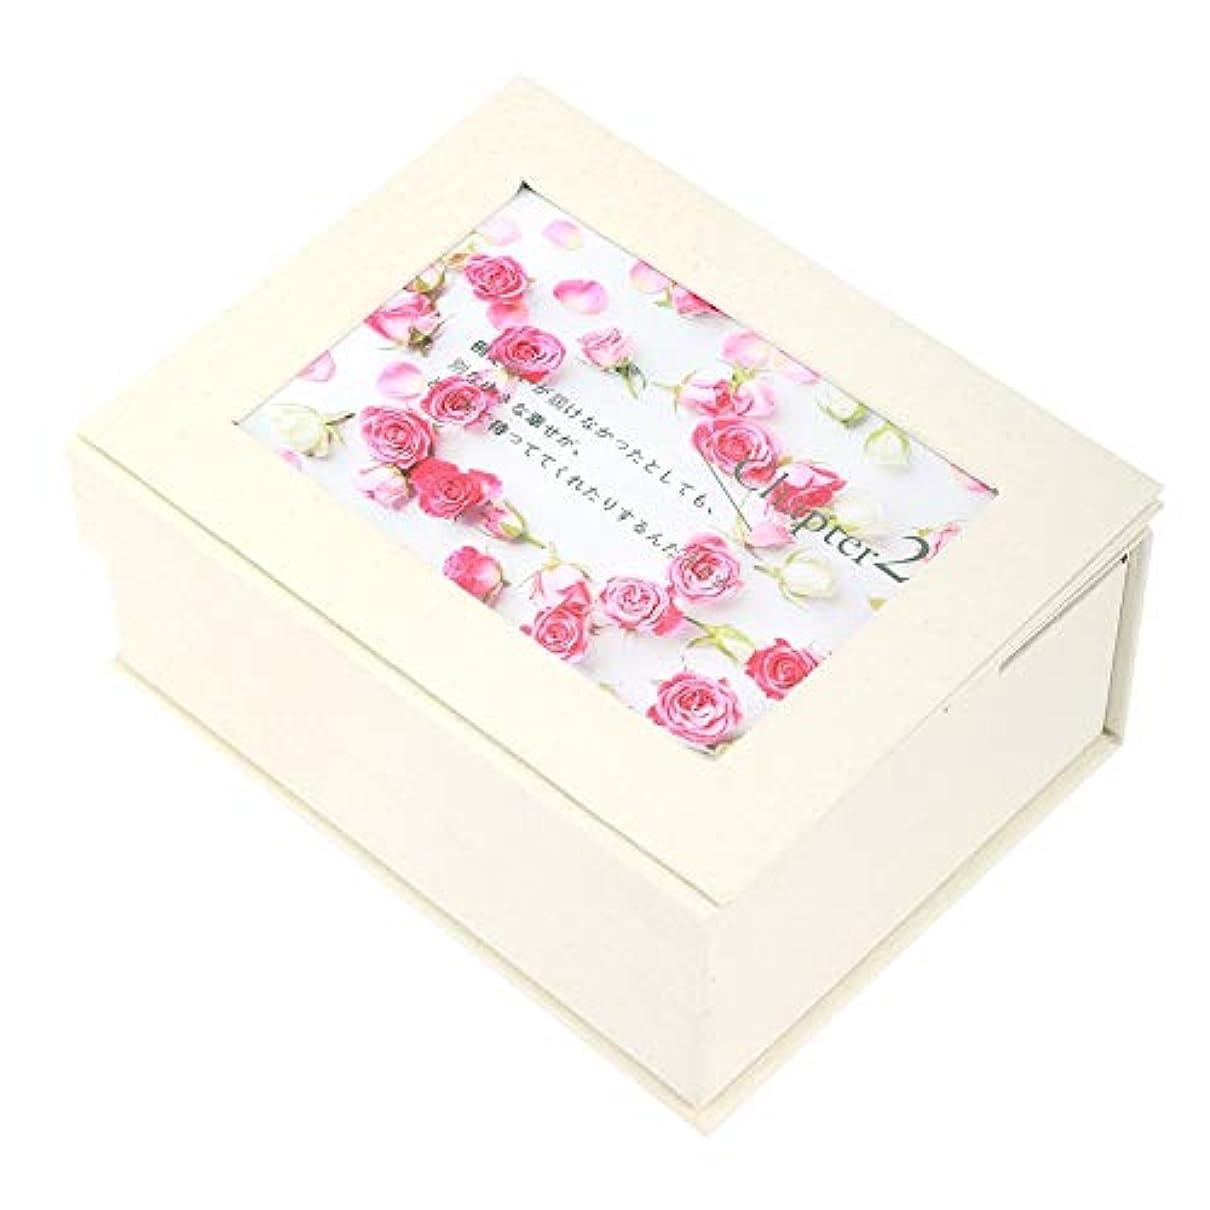 乳白色調停者ユニークな石鹸の花のギフト用の箱、石鹸の花のギフト用の箱の女の子のお母さんの誕生日のクリスマスの結婚式のギフトの写真フレームが付いている花の石鹸(#1)